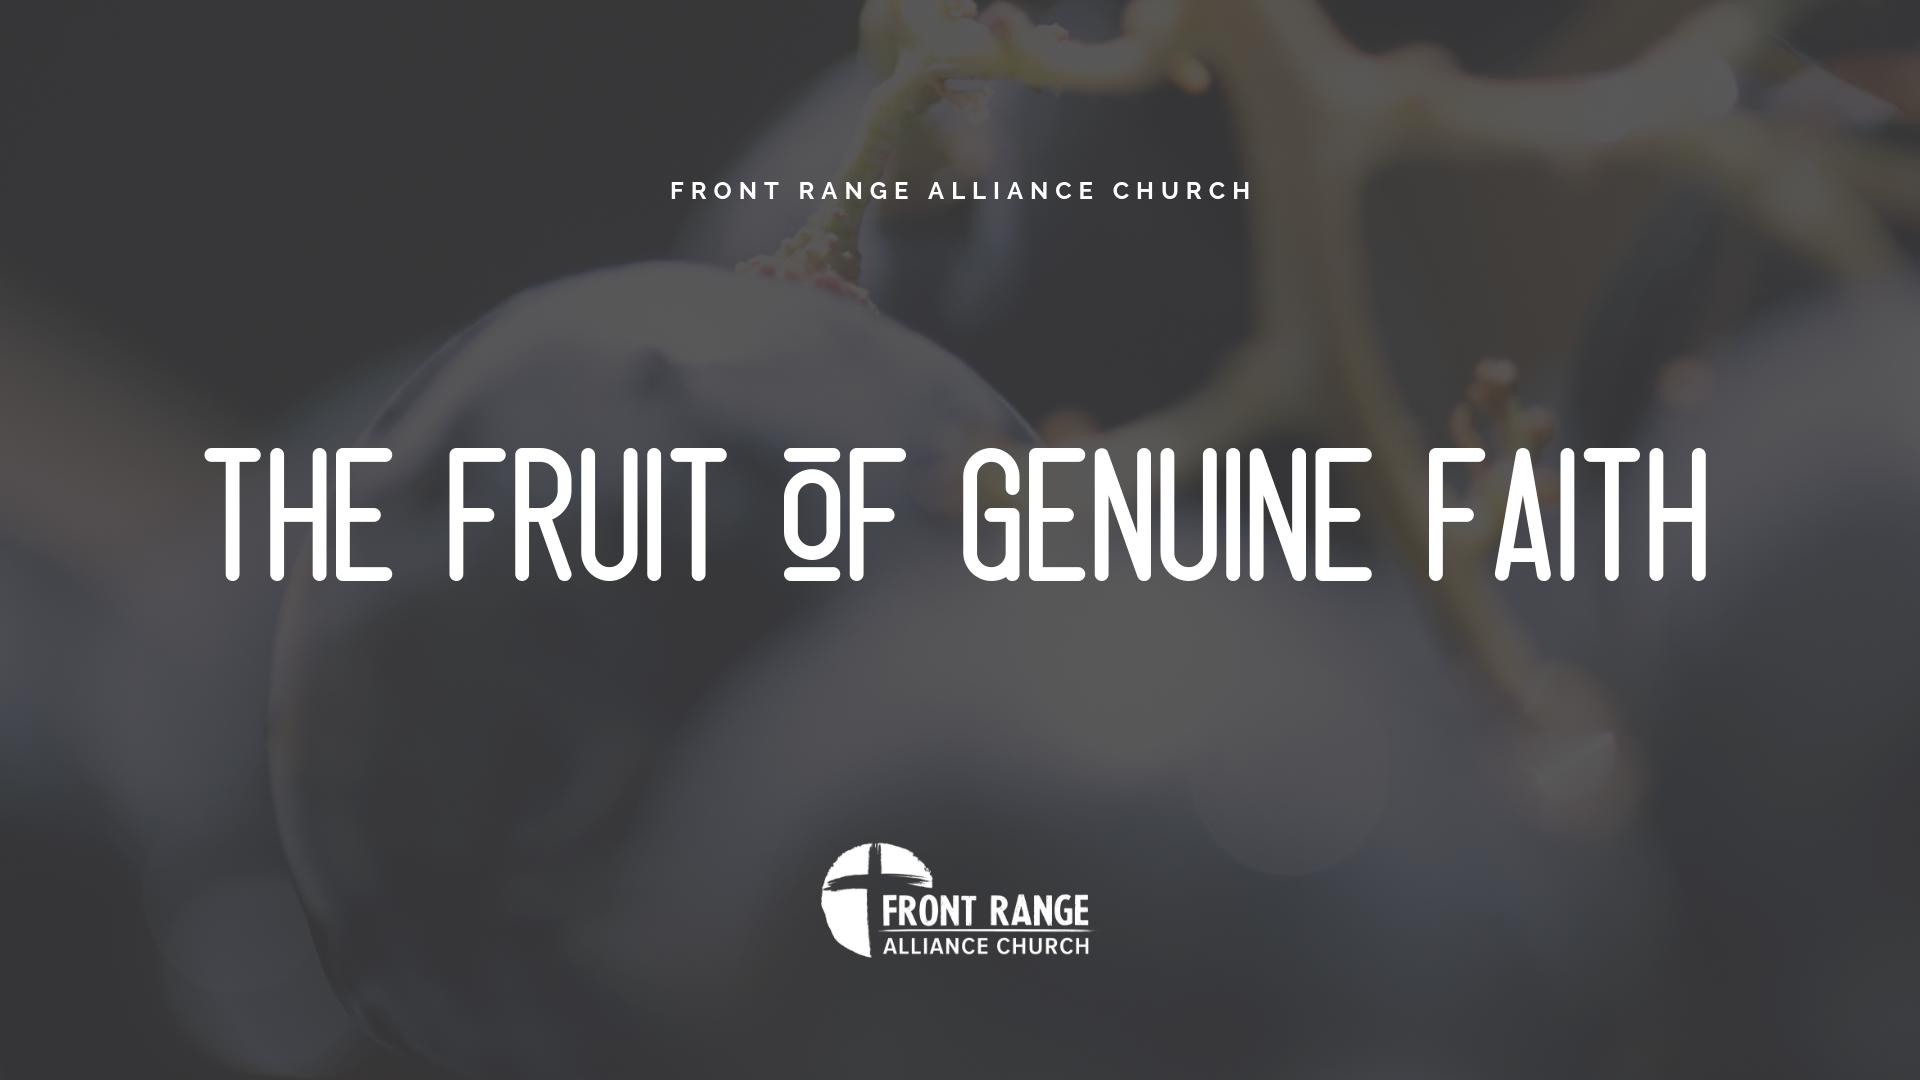 The Fruit of Genuine Faith